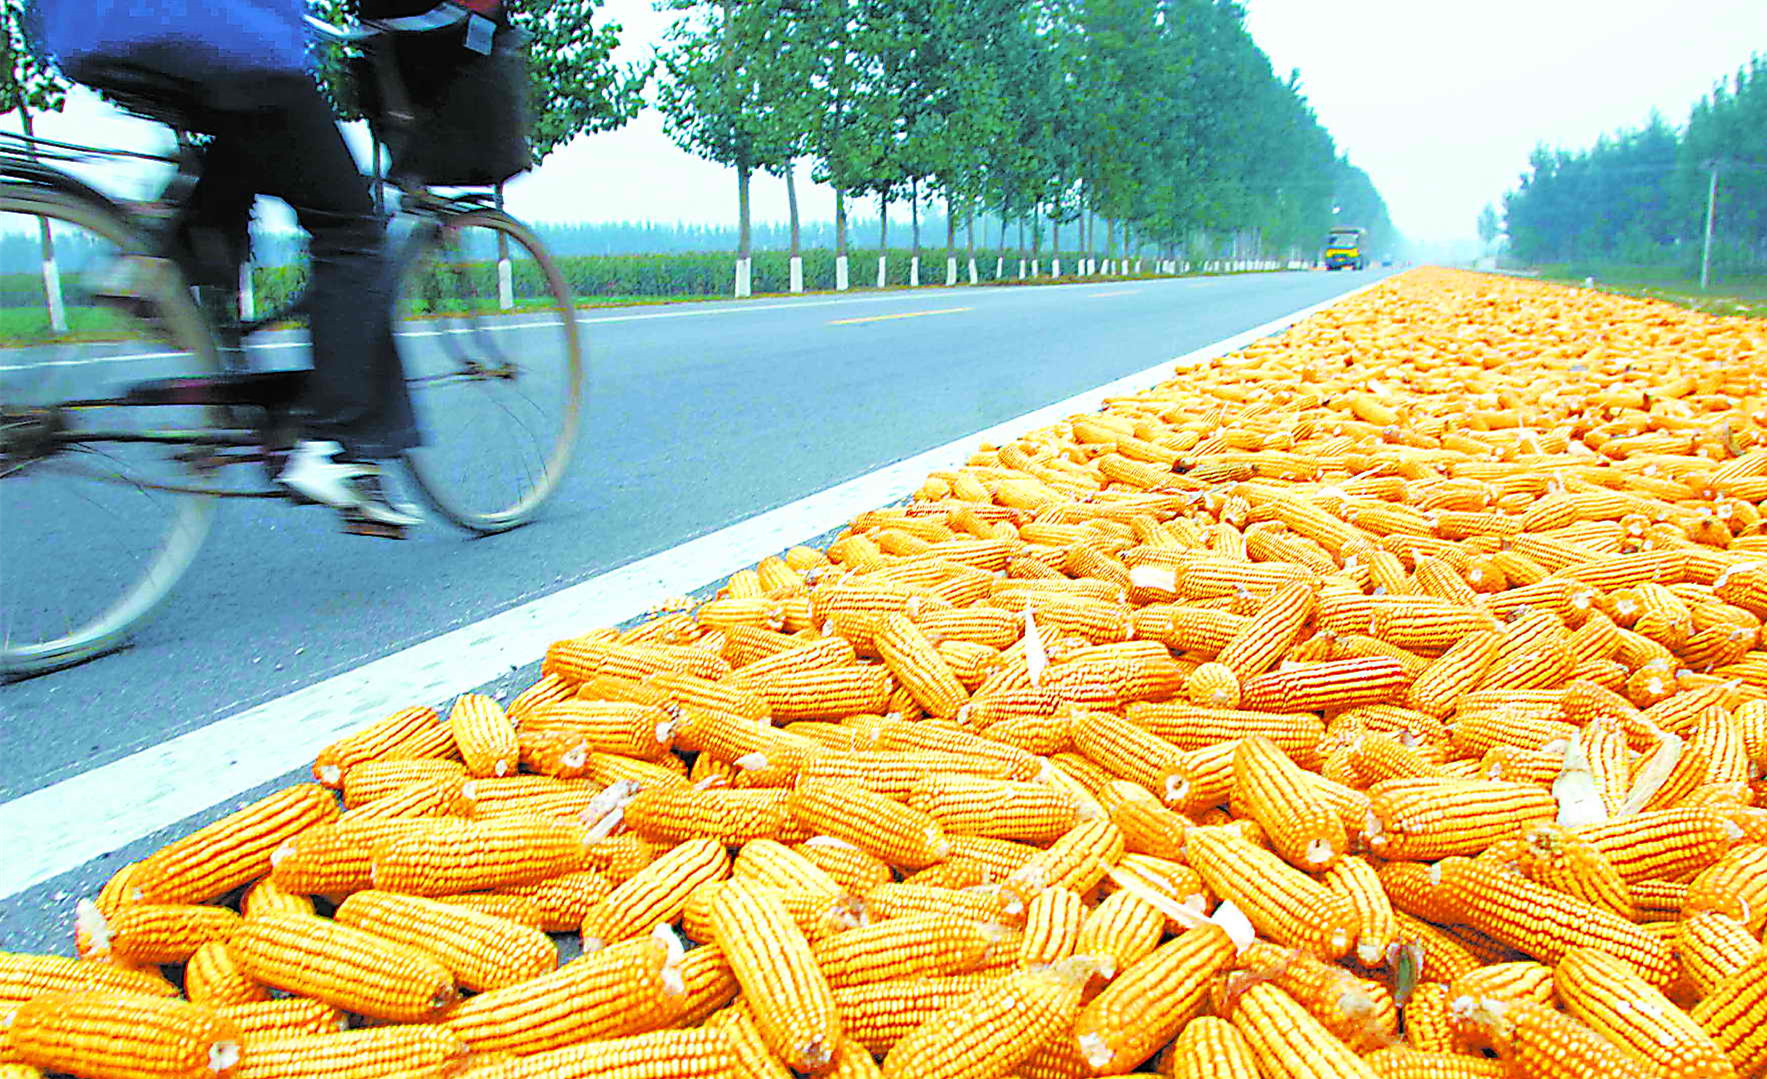 玉米行情出分歧,山东跌、港口涨,好事还是坏事?